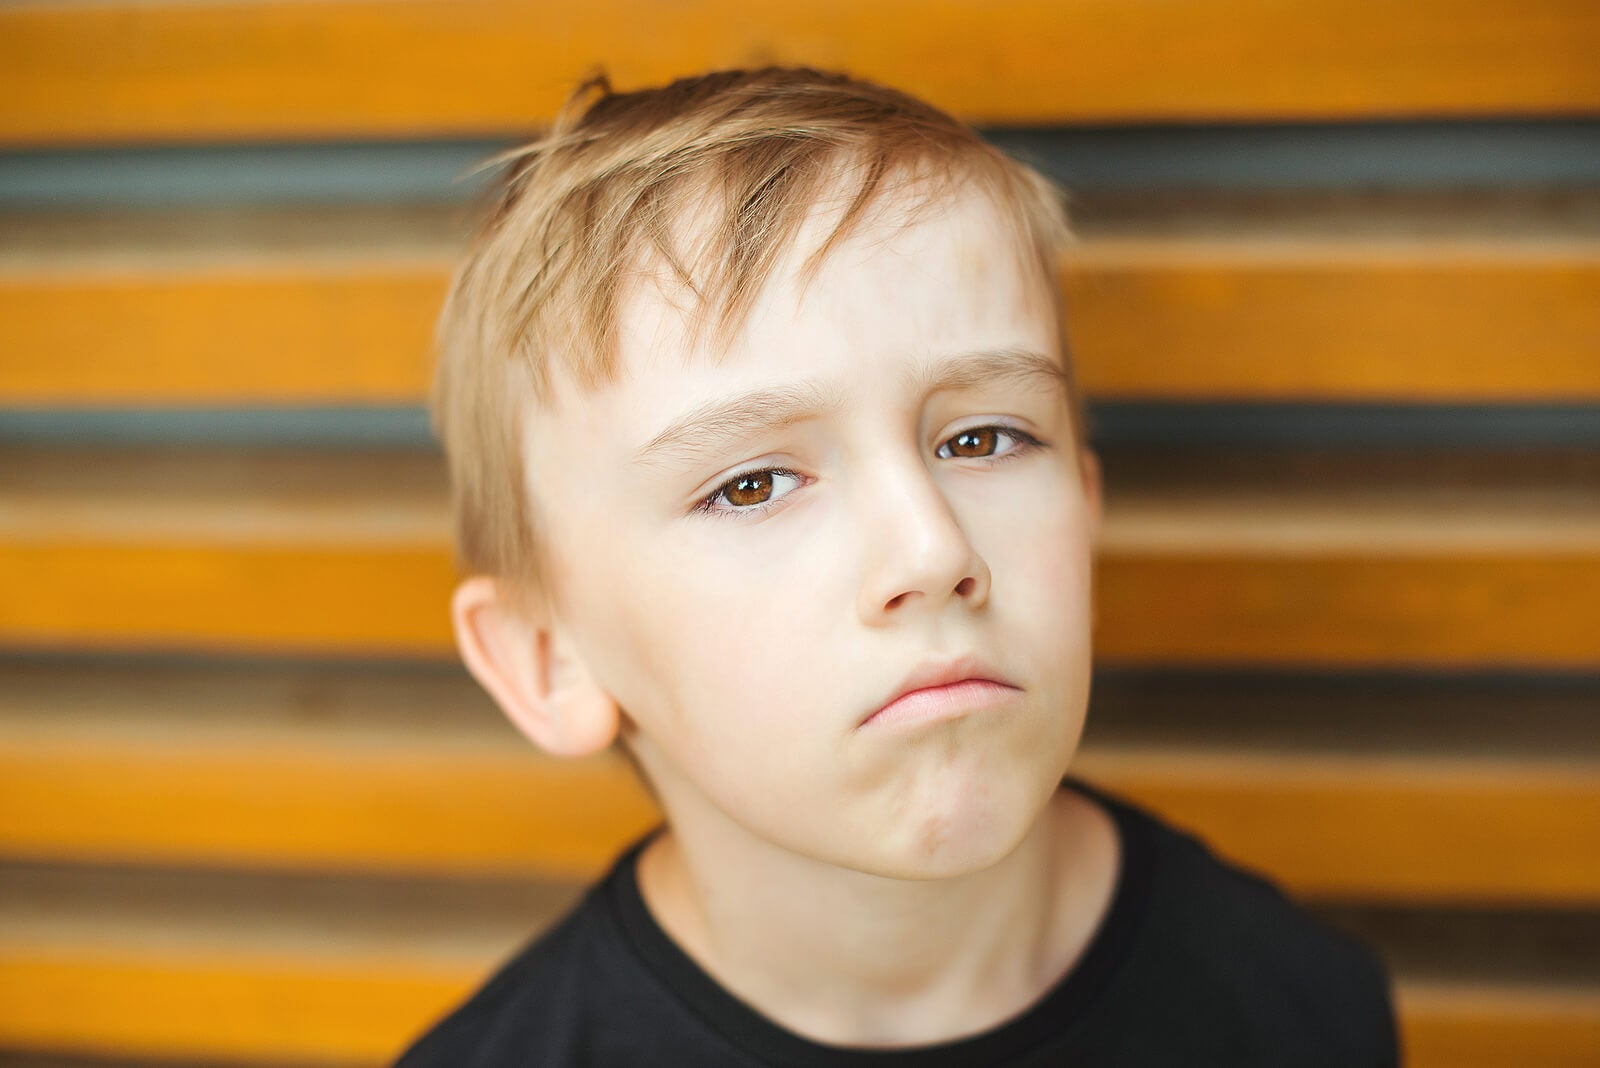 Niño triste poniéndole quejas a todo.